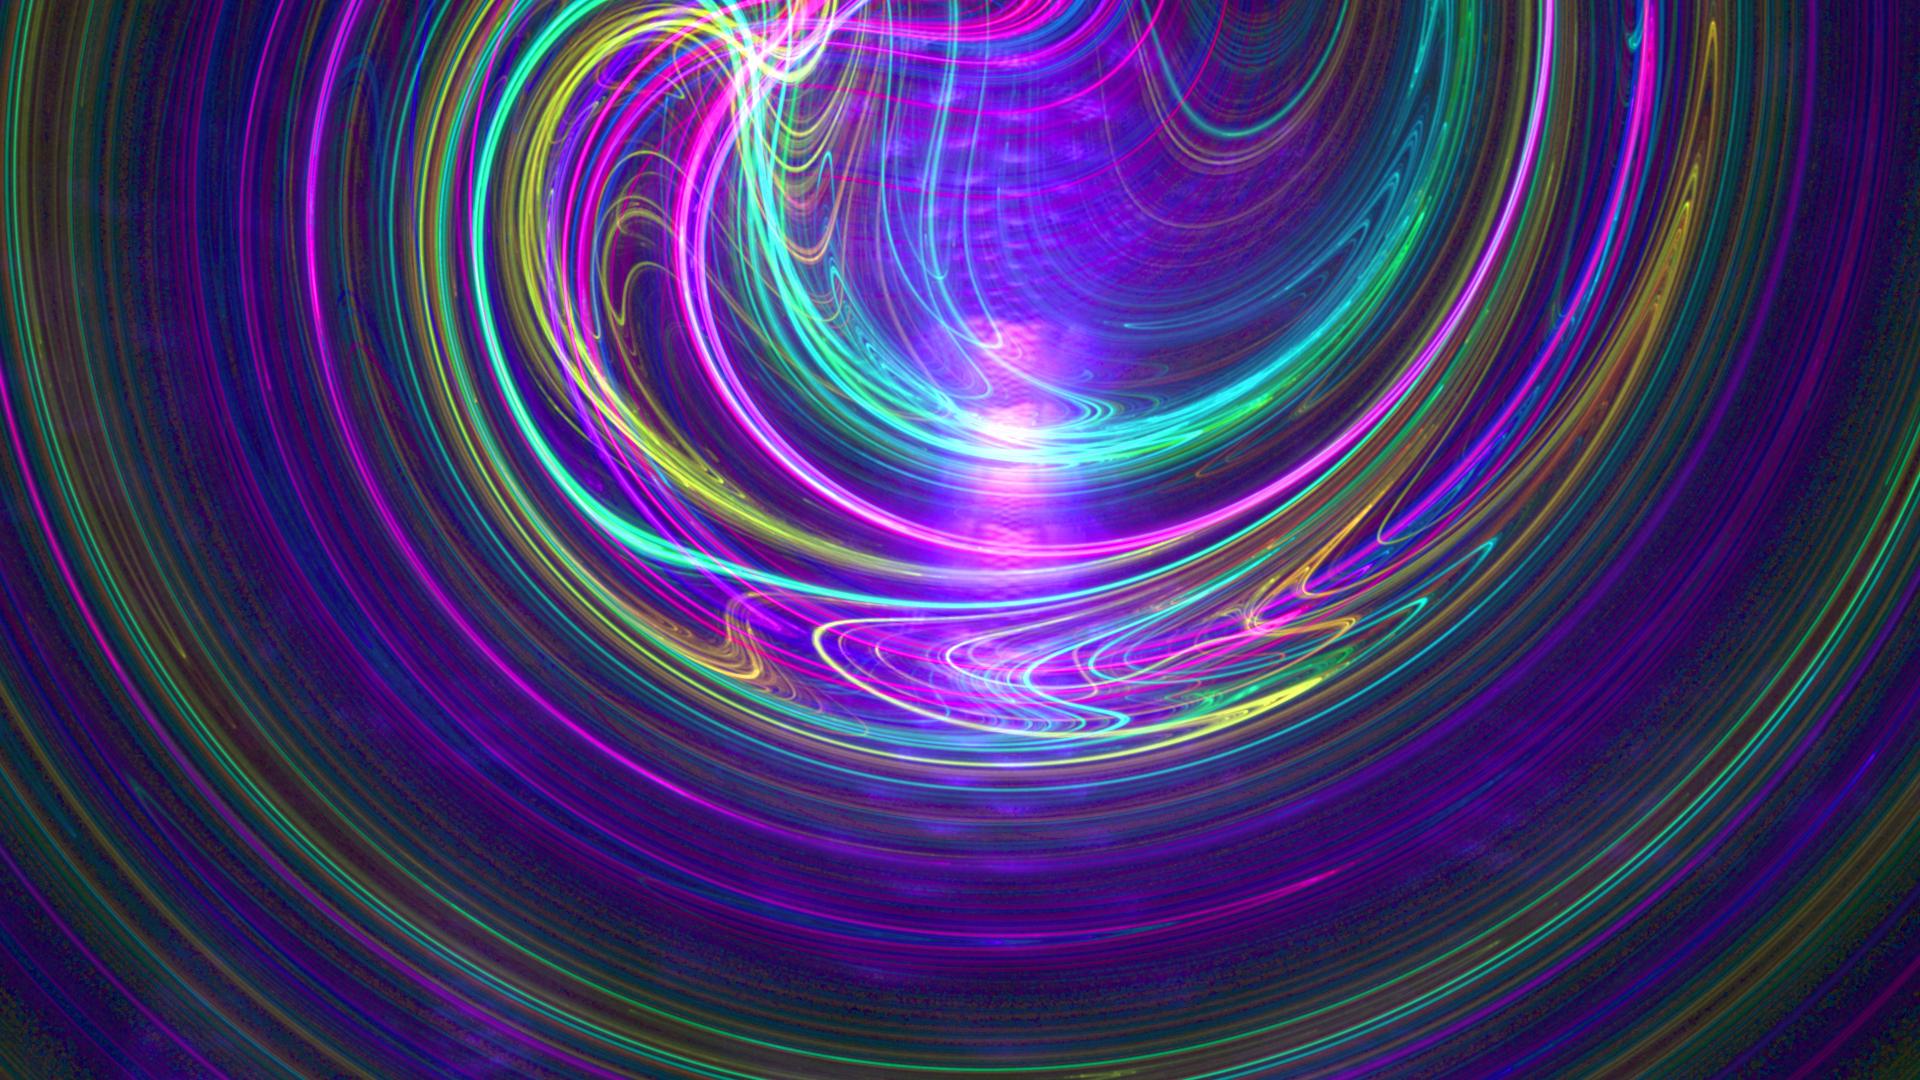 fractal purple computer desktop backgrounds wallpapers abstract fractals 1920 wallpapersafari 1080 code